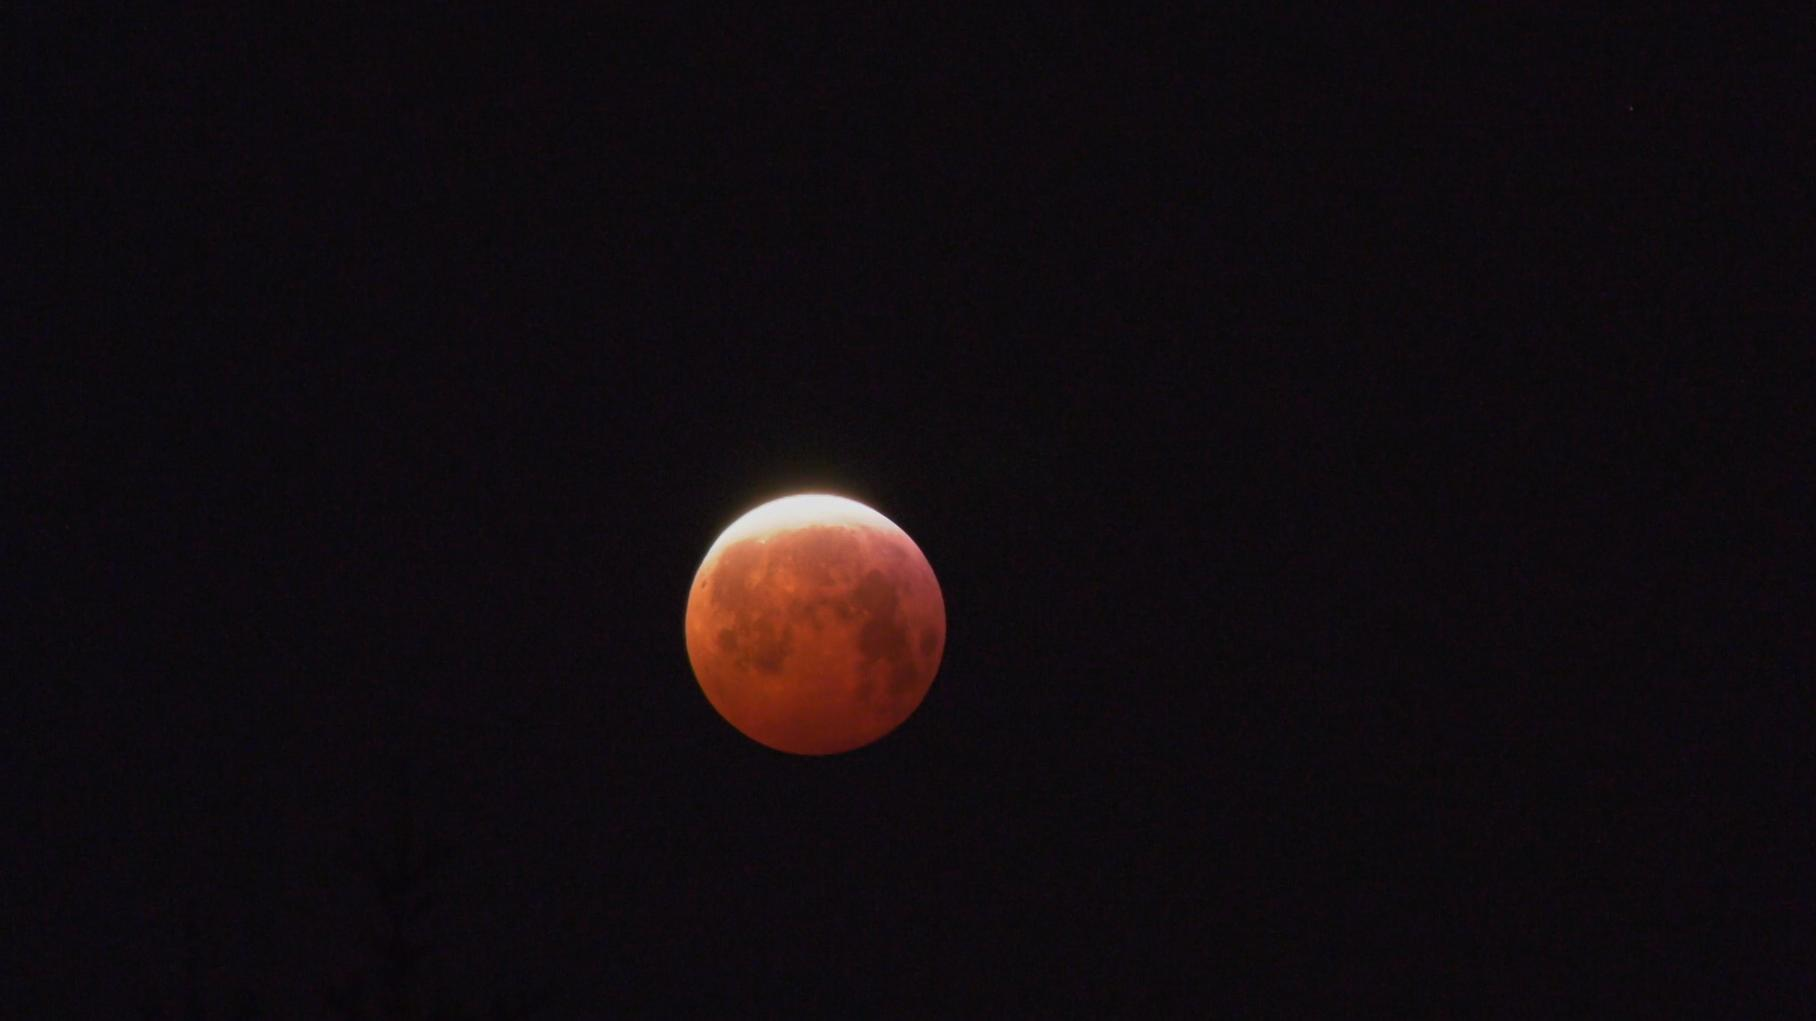 Ein sogenannter Blutmond am Montagmorgen: Um eine totale Mondfinsternis zeigte sich der Vollmond kupferrot.